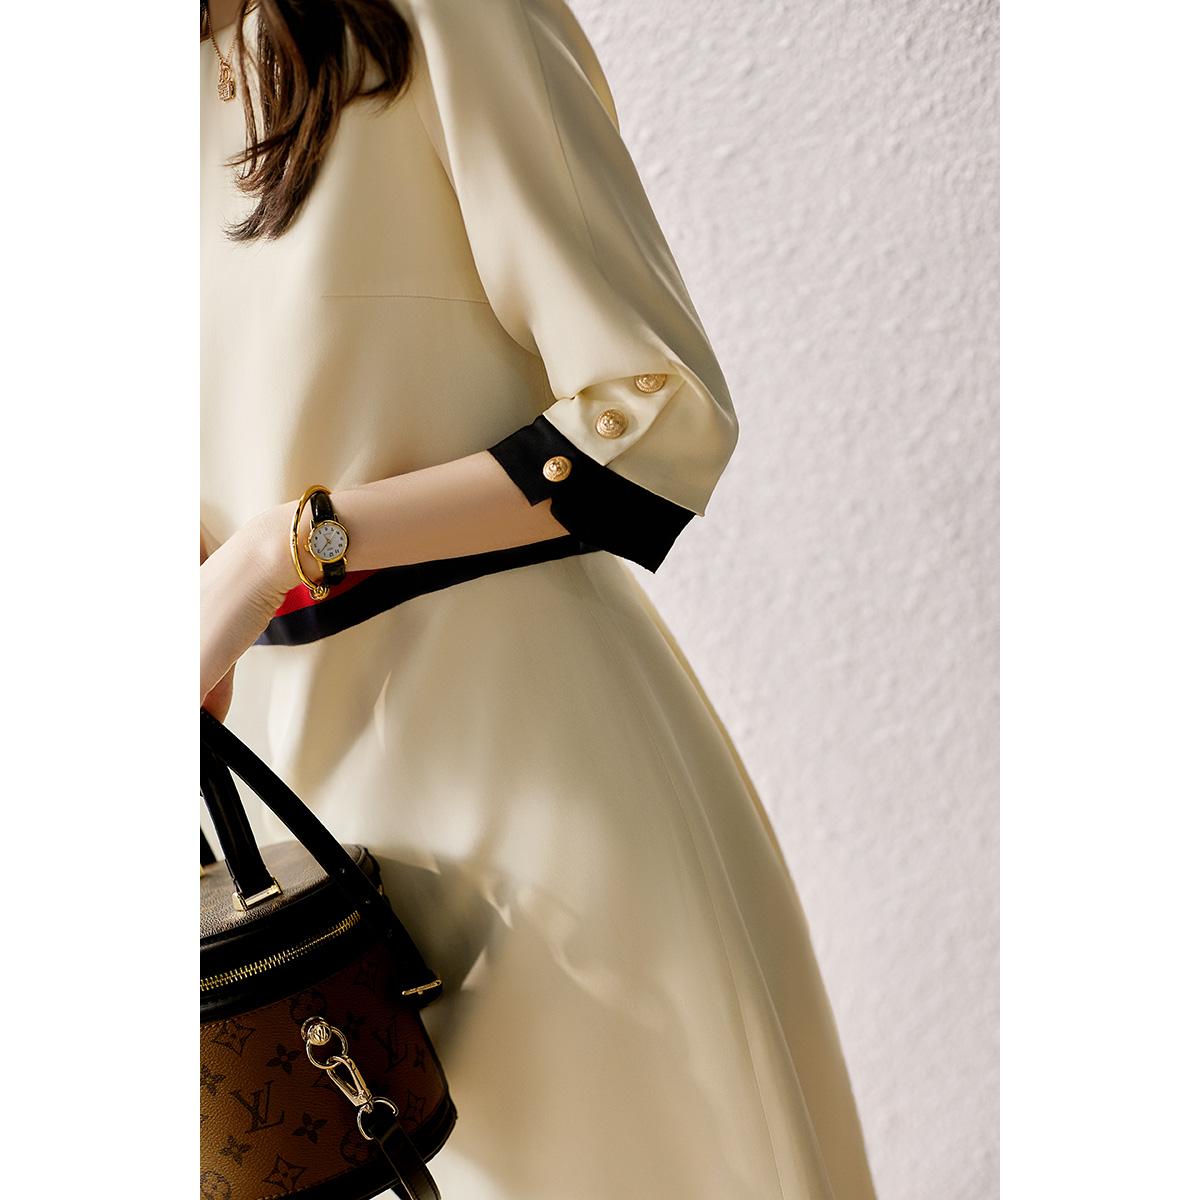 の[SQ115528MG]高性價比大氣優雅30姆米重磅 蠶絲定制織帶連衣裙